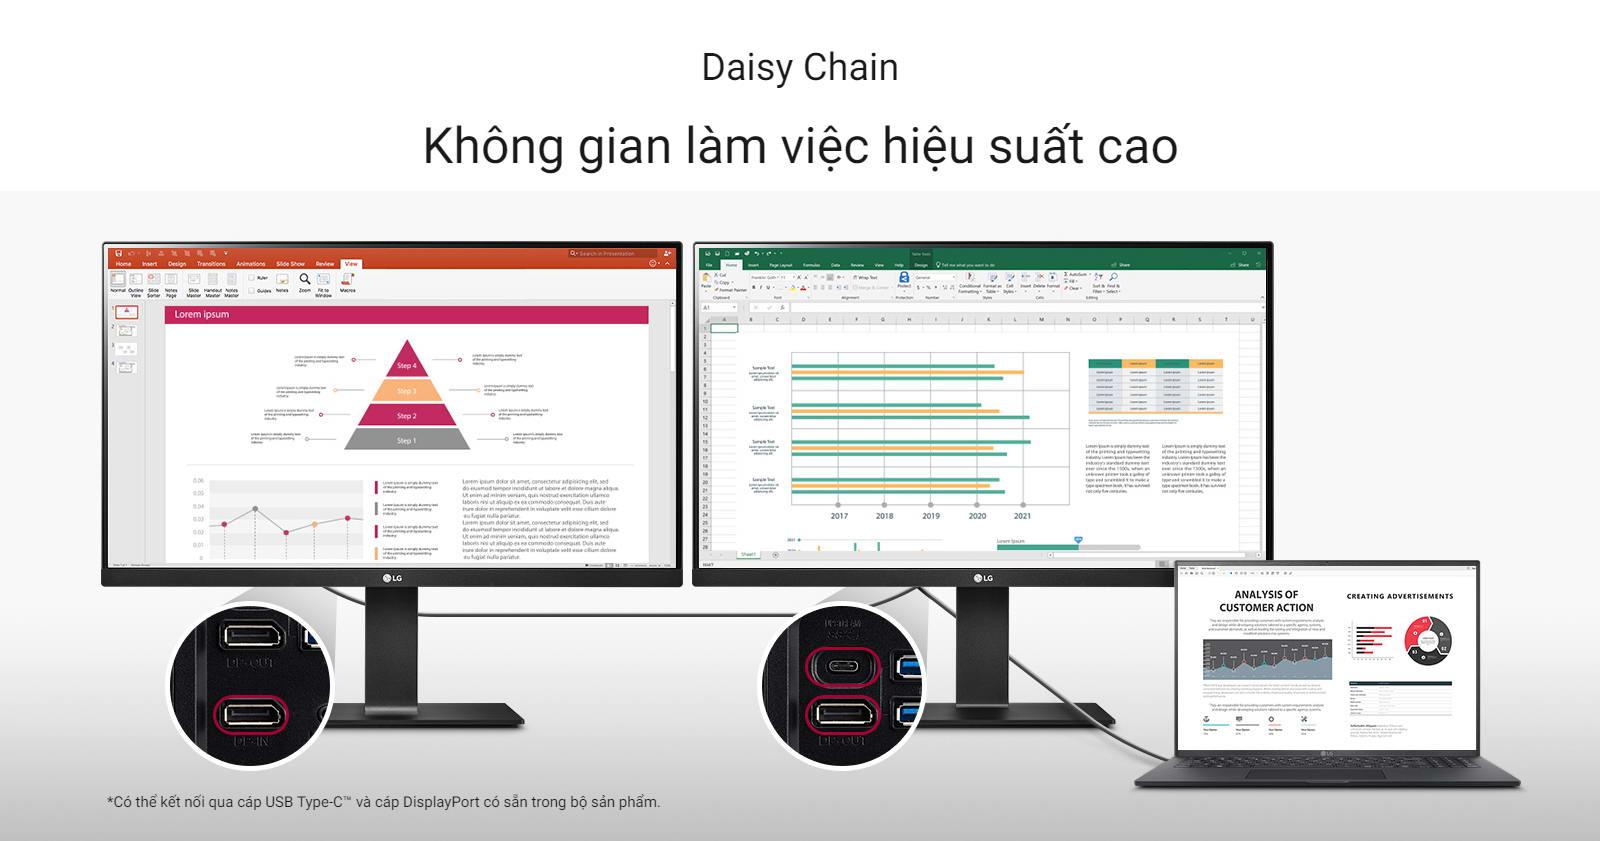 Màn hình LG 24QP750-B daisy chain